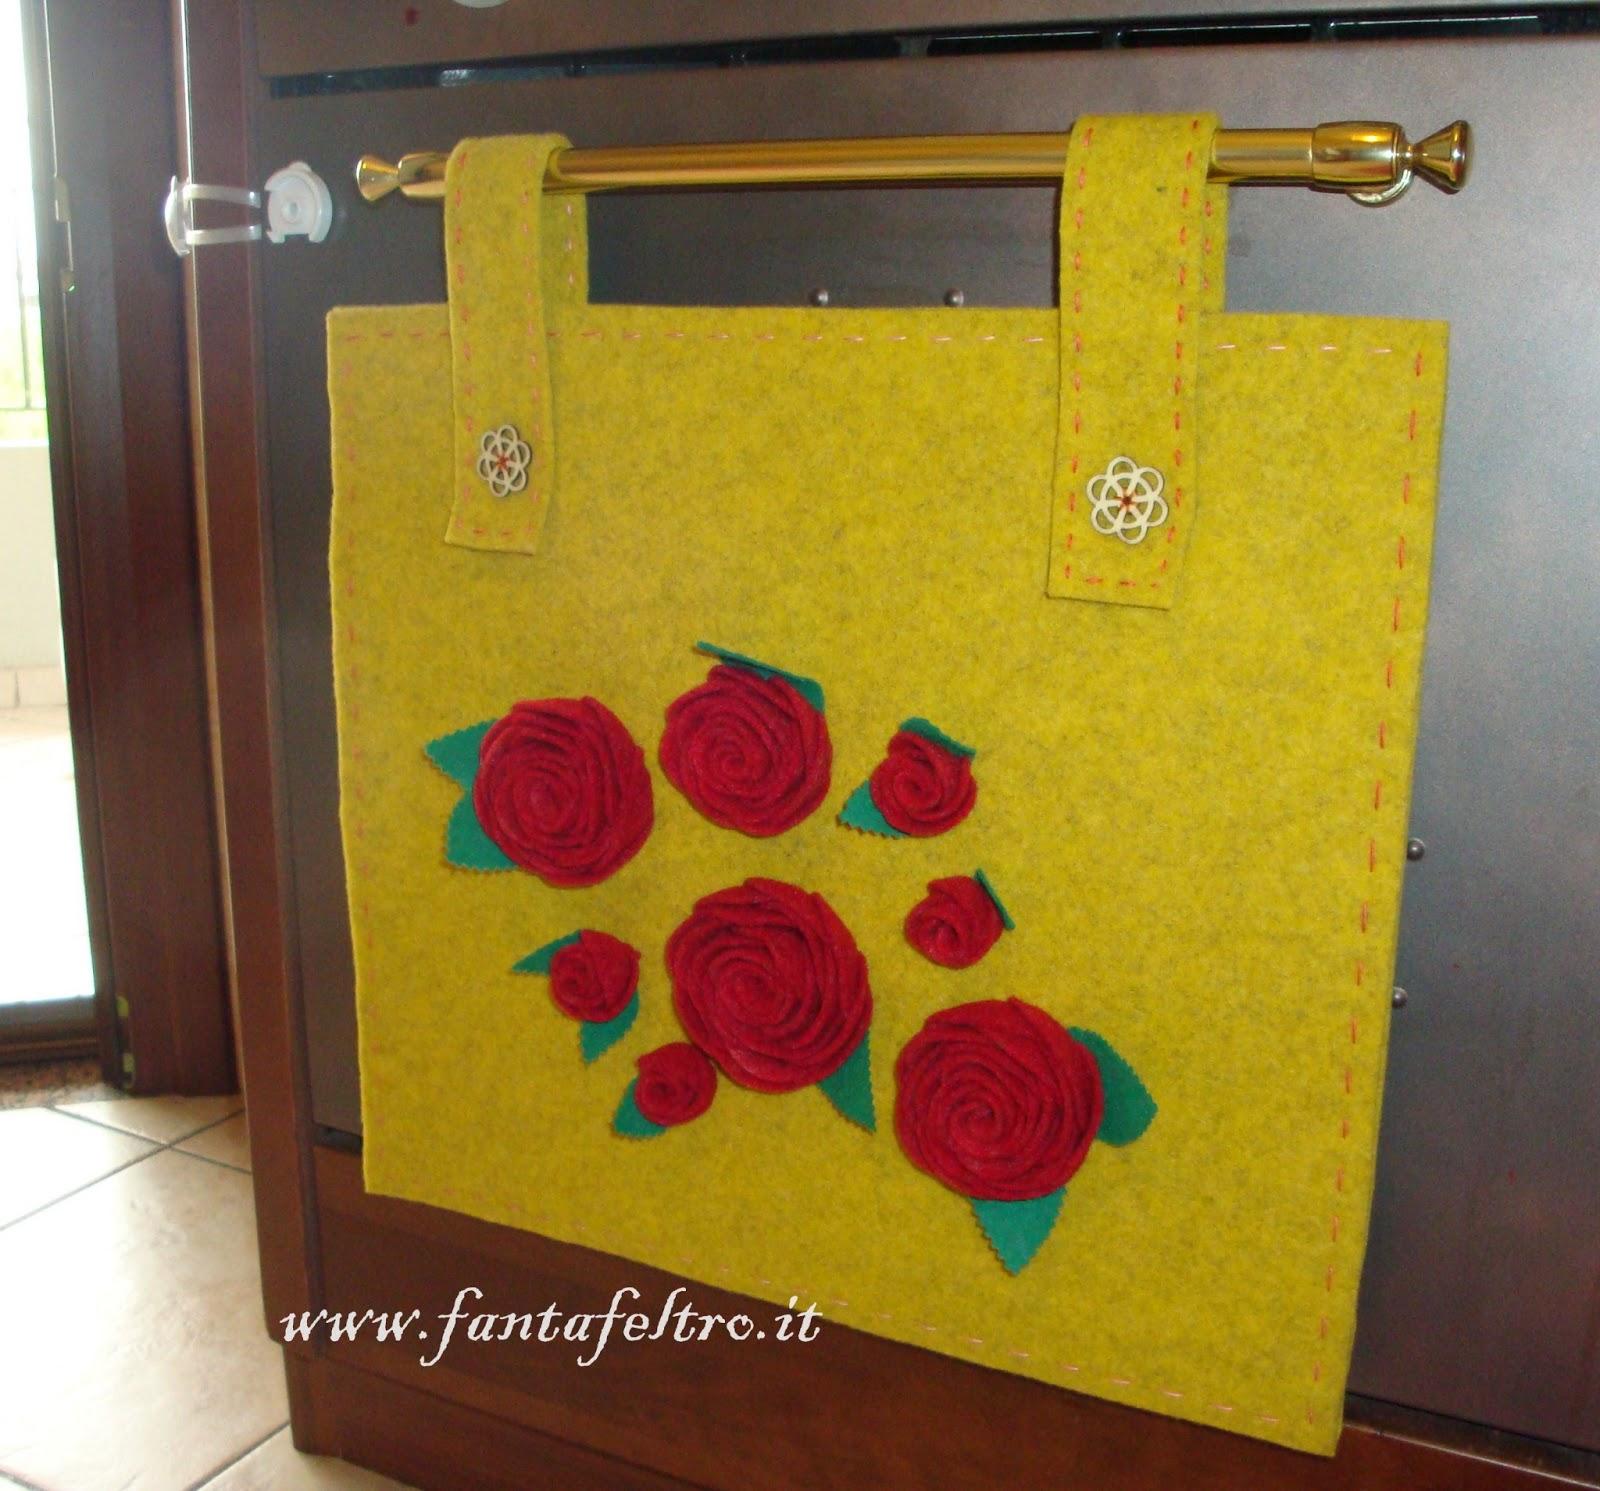 Fanta feltro pannello copri forno con rose for Pannello portaoggetti neonato amazon